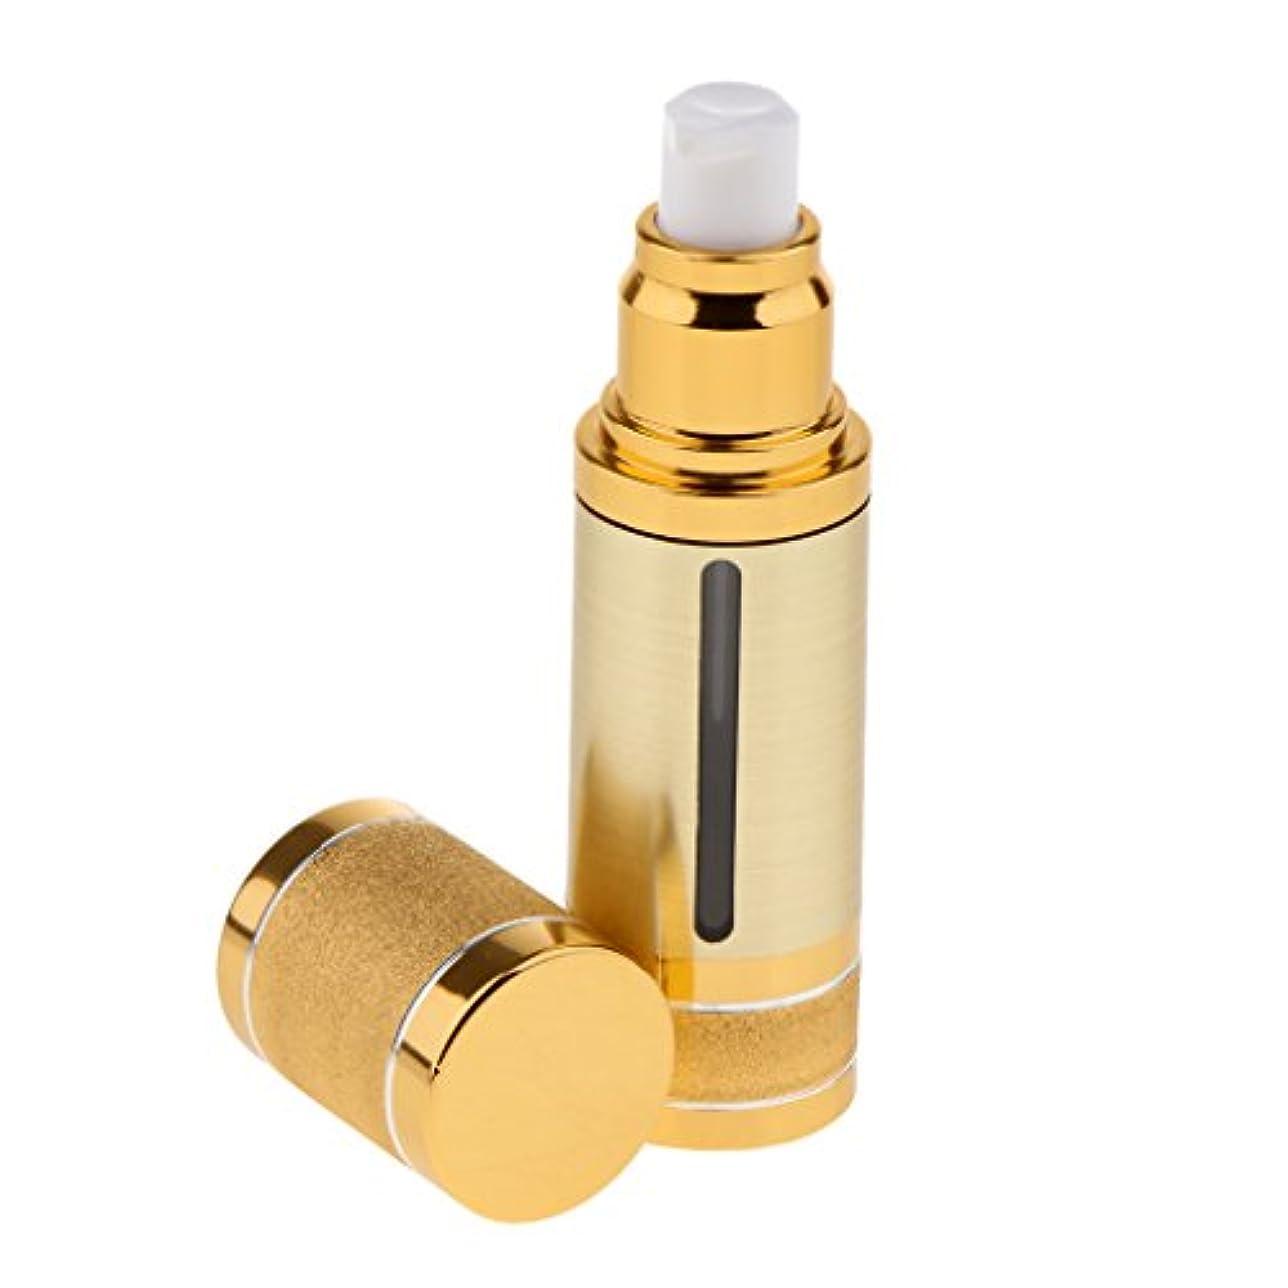 伝染性の知覚できる昆虫を見るKesoto ポンプボトル 空ボトル エアレスボトル 30ml ローション クリーム 化粧品 詰め替え 容器 DIY 2色選べる - ゴールド